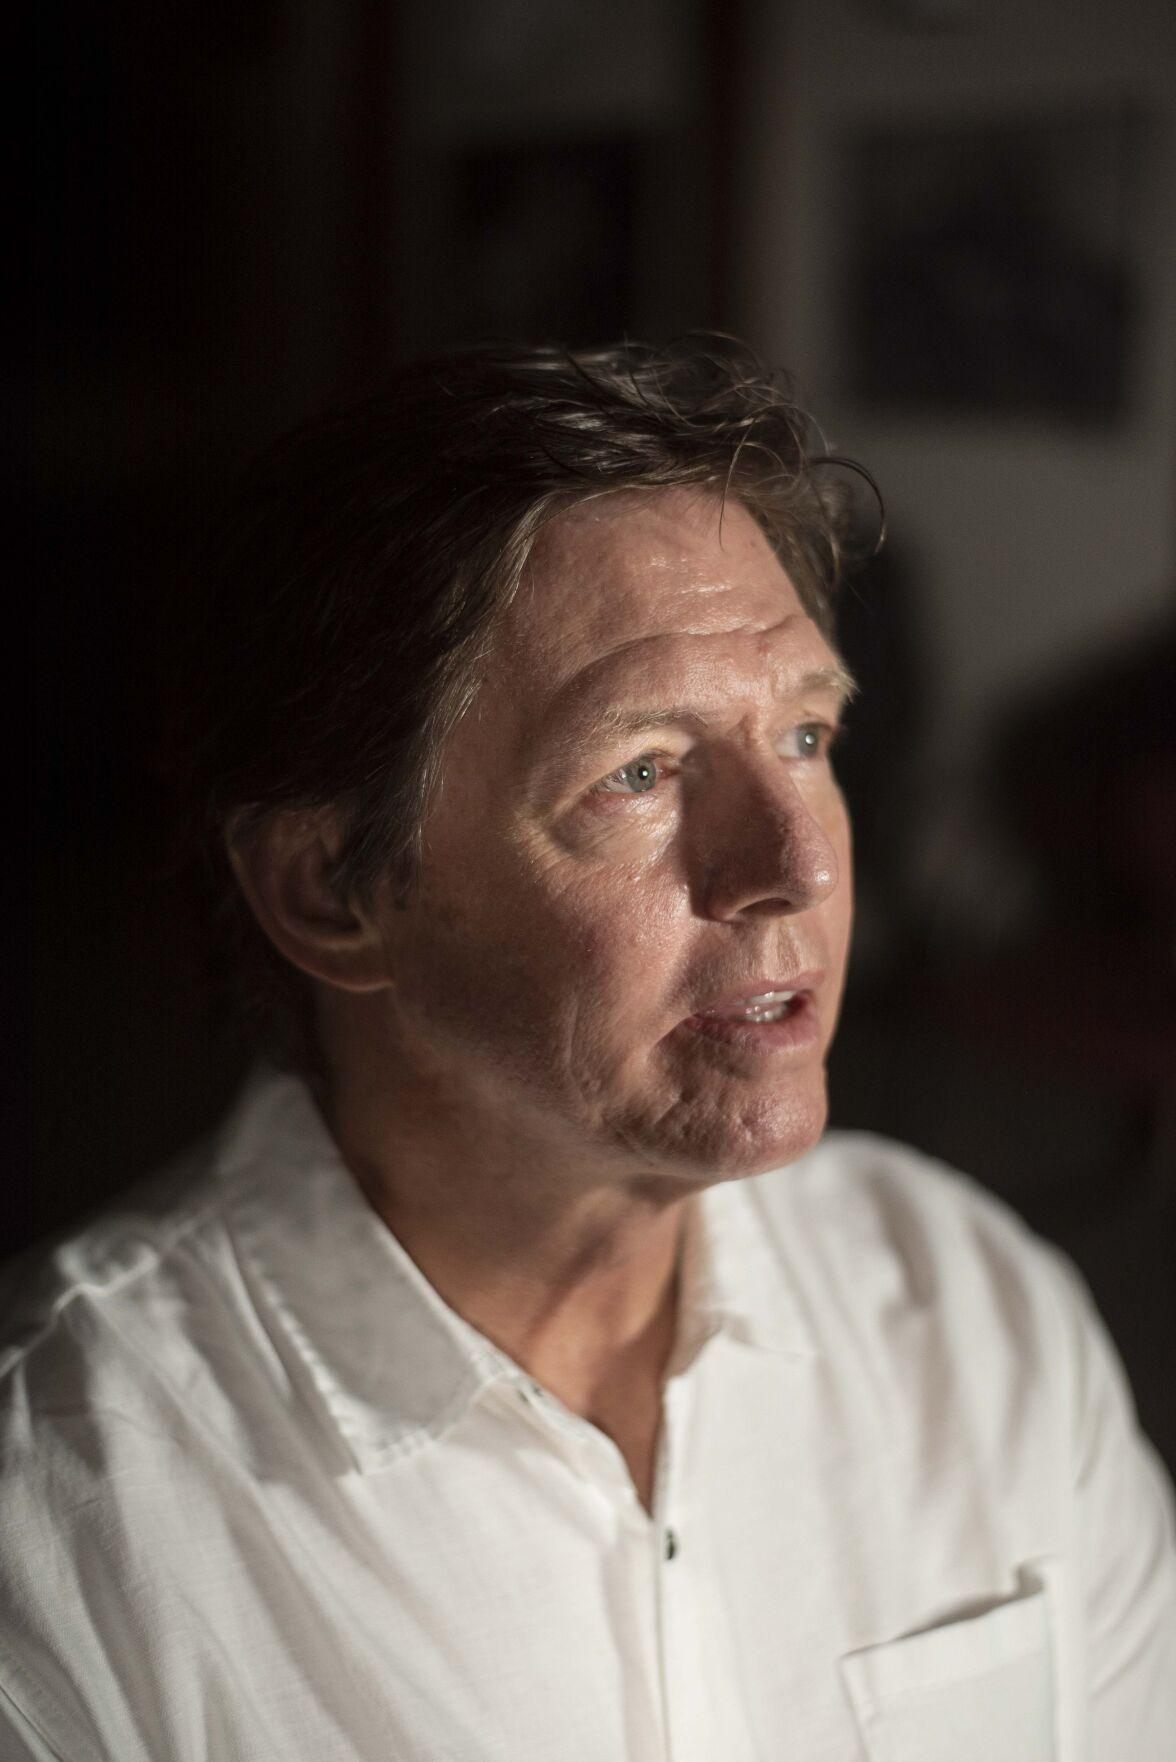 Blair McHaney